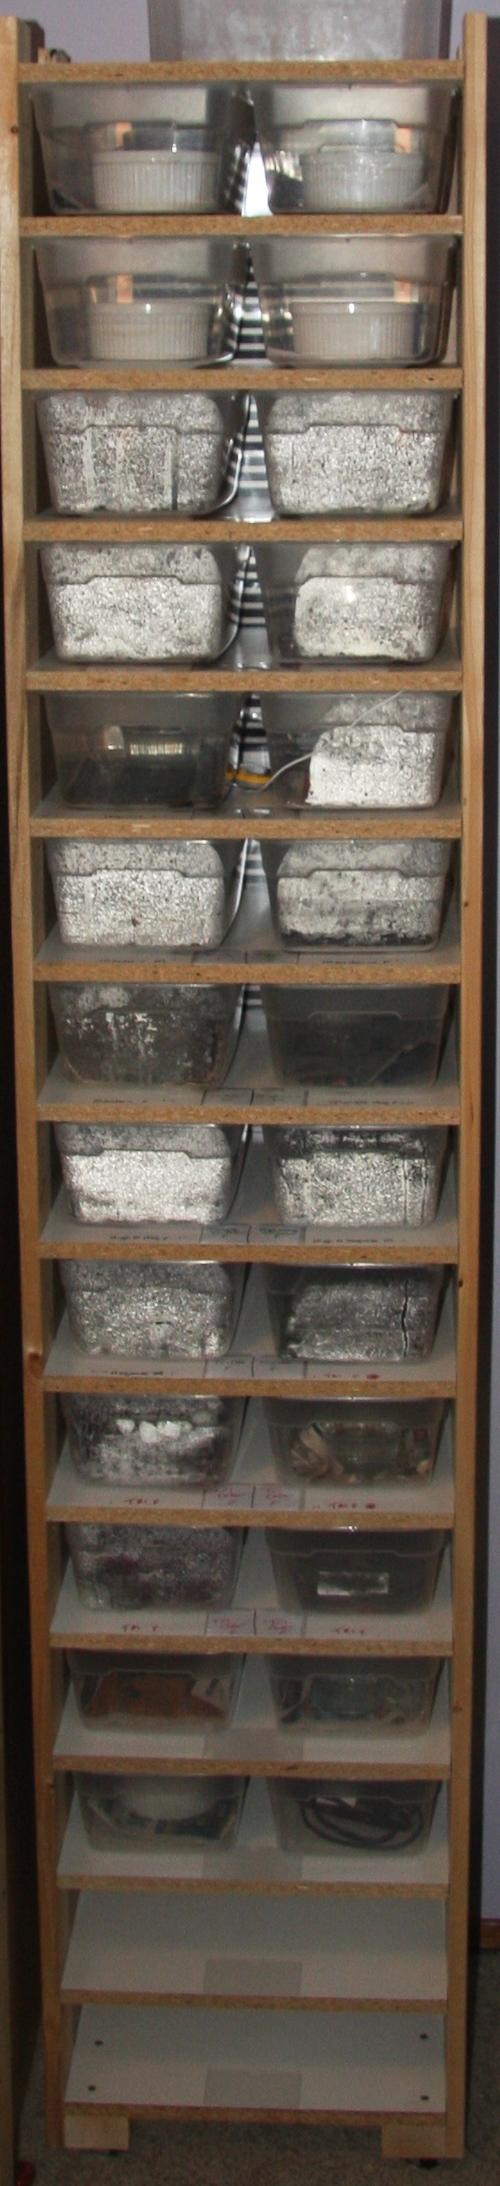 30 bin hatchling rack system